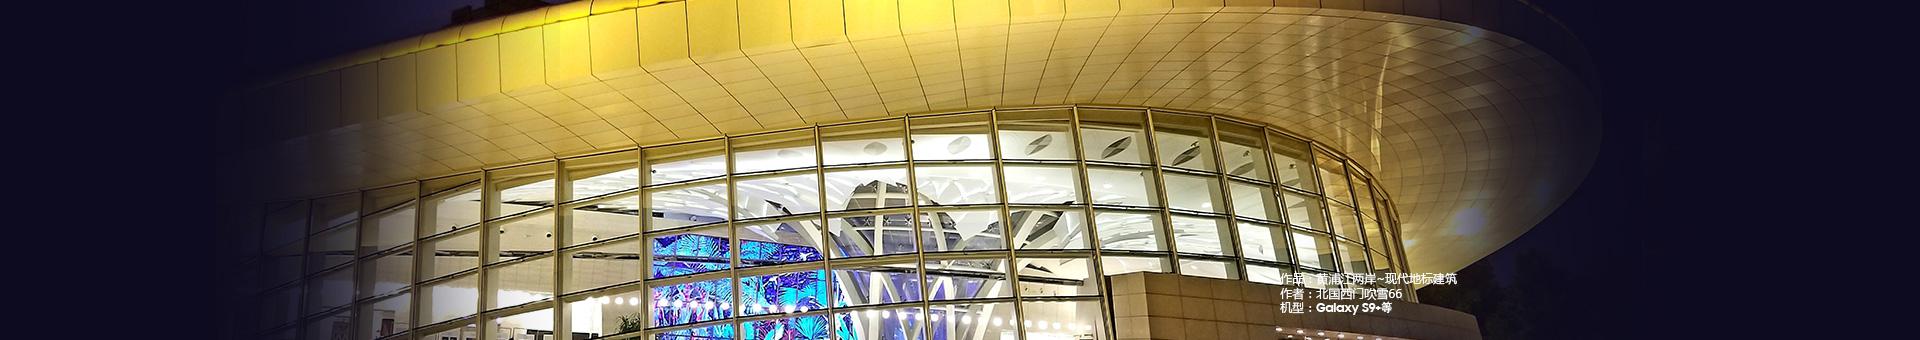 【回忆】 黄浦江两岸~现代地标建筑